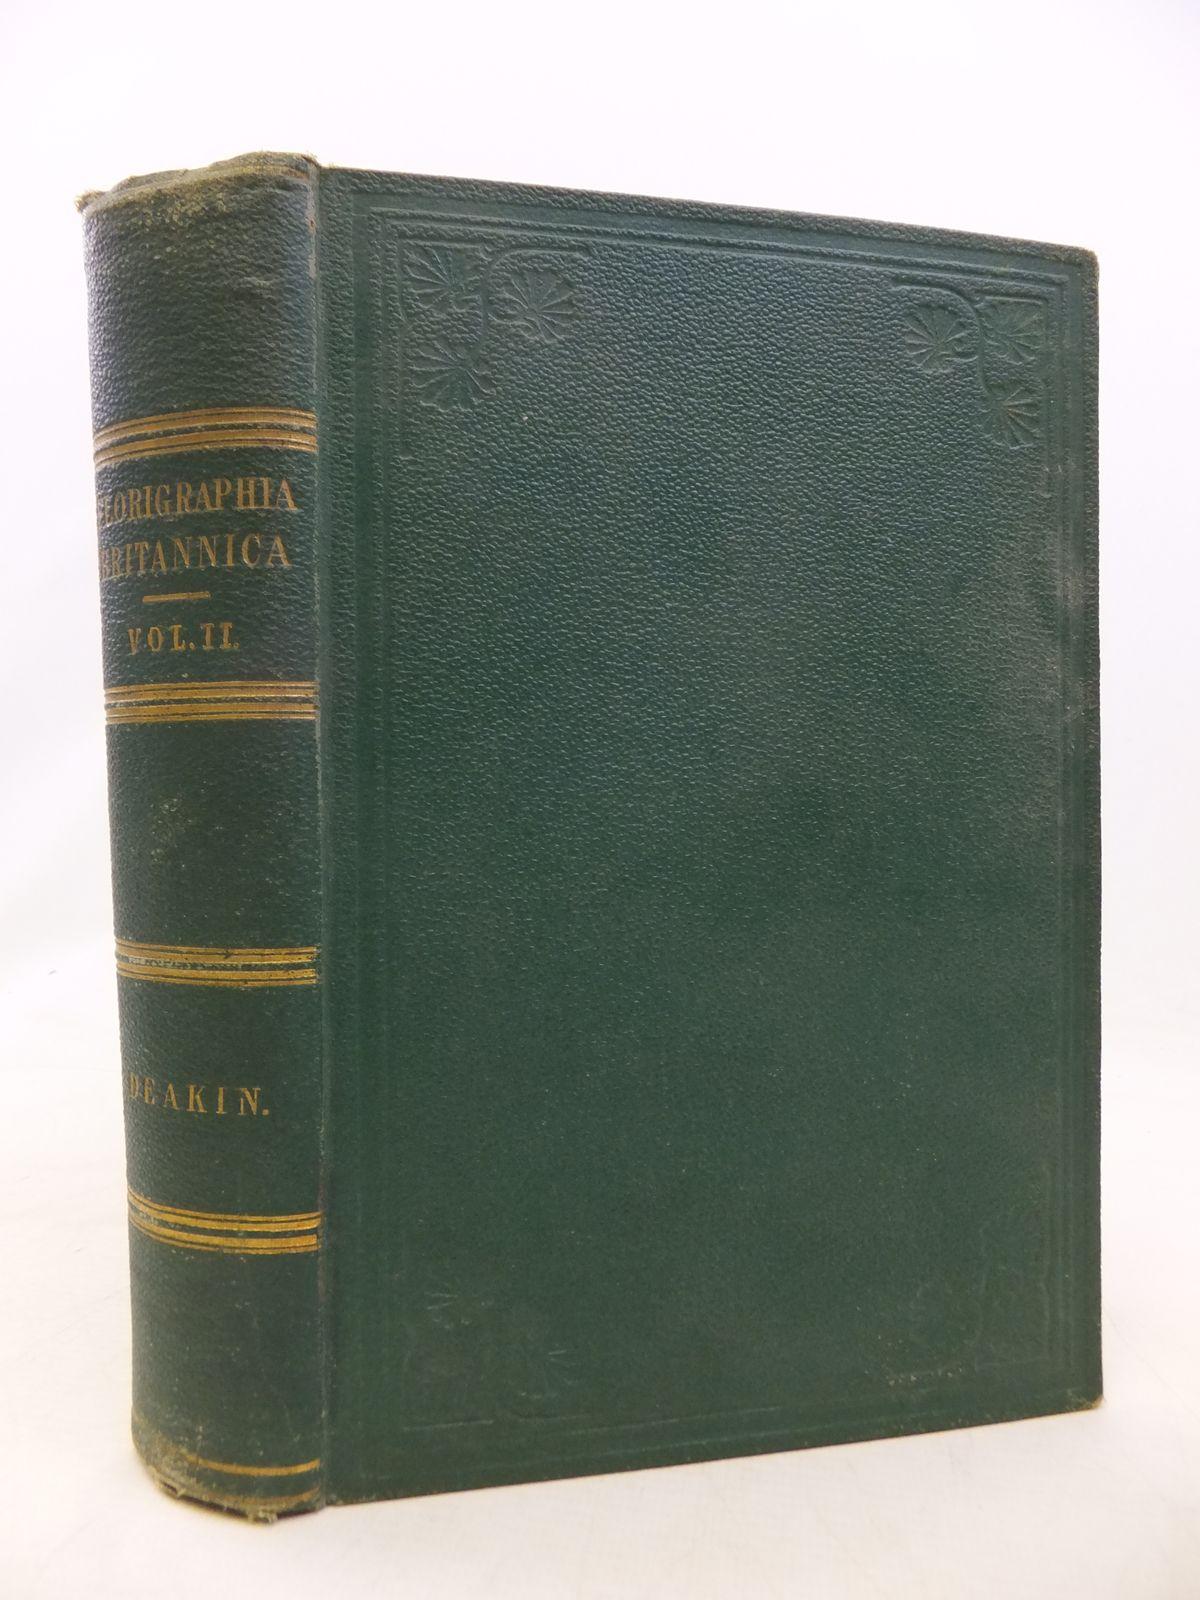 Photo of FLORIGRAPHIA BRITANNICA VOLUME II- Stock Number: 1809153